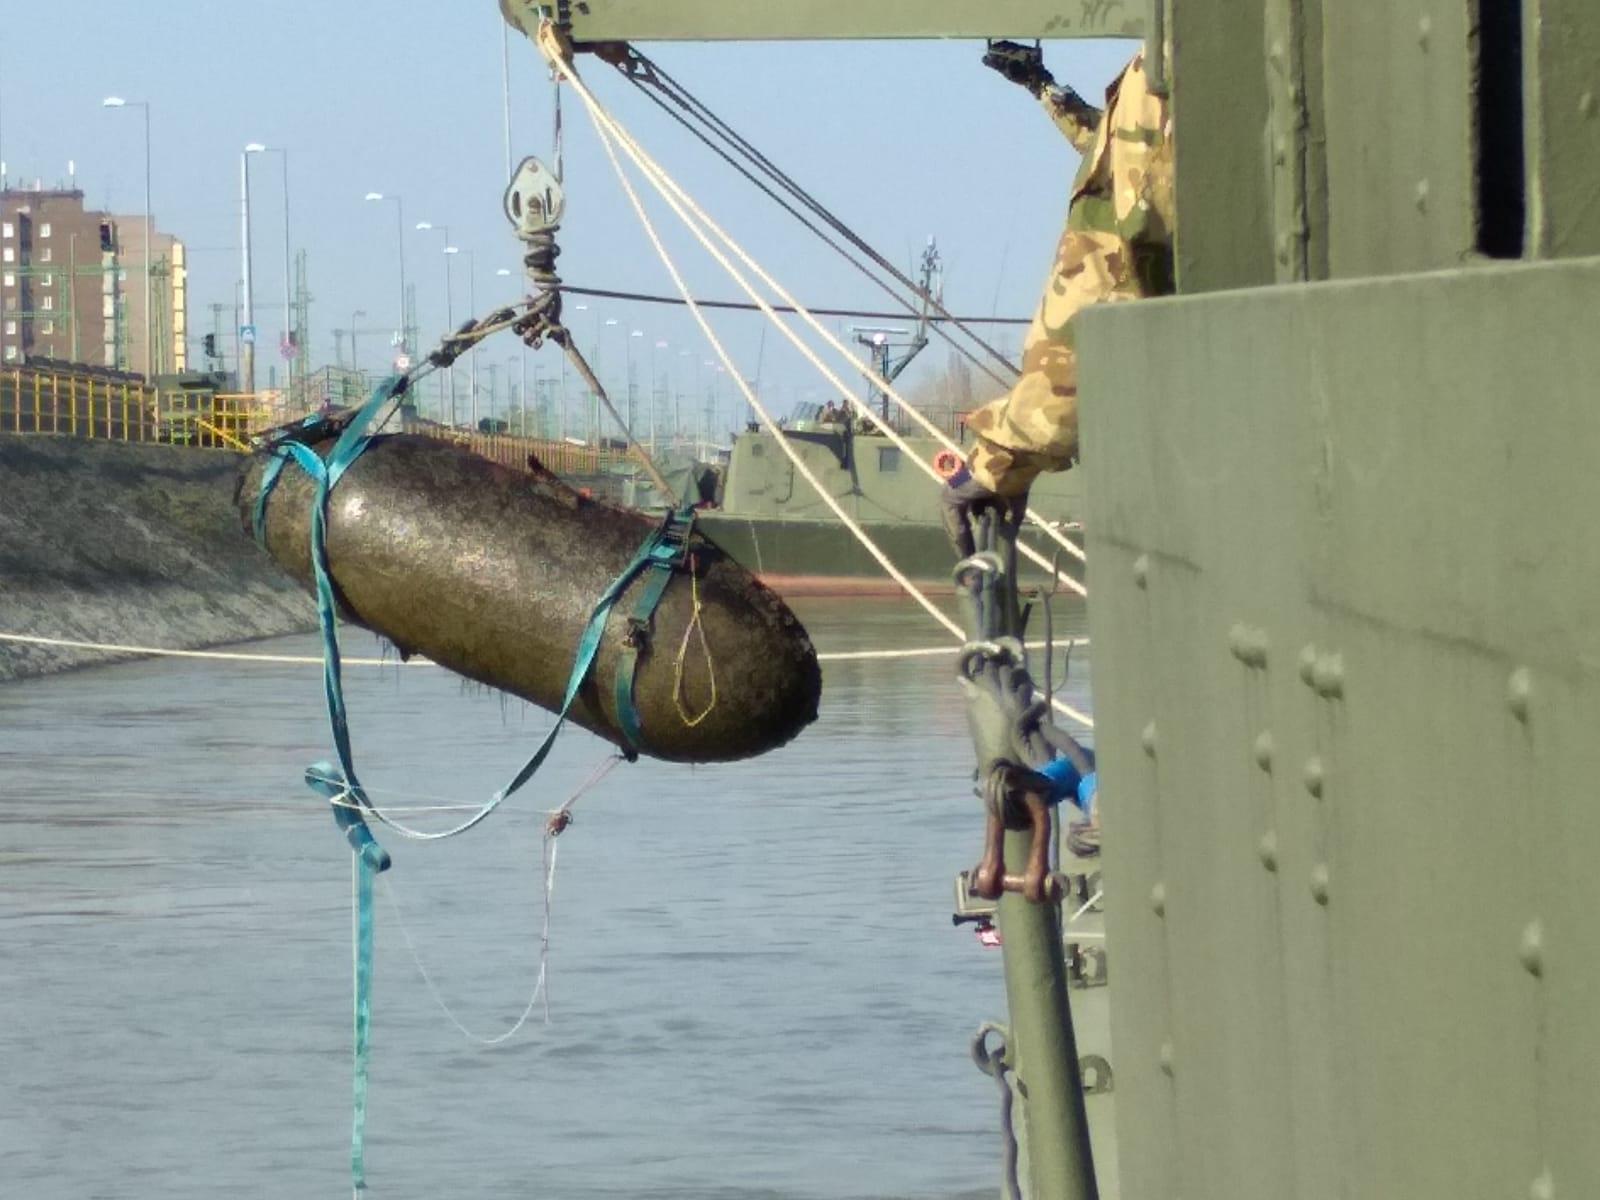 Kiemelték az egyik egytonnás bombát a Dunából Budafoknál